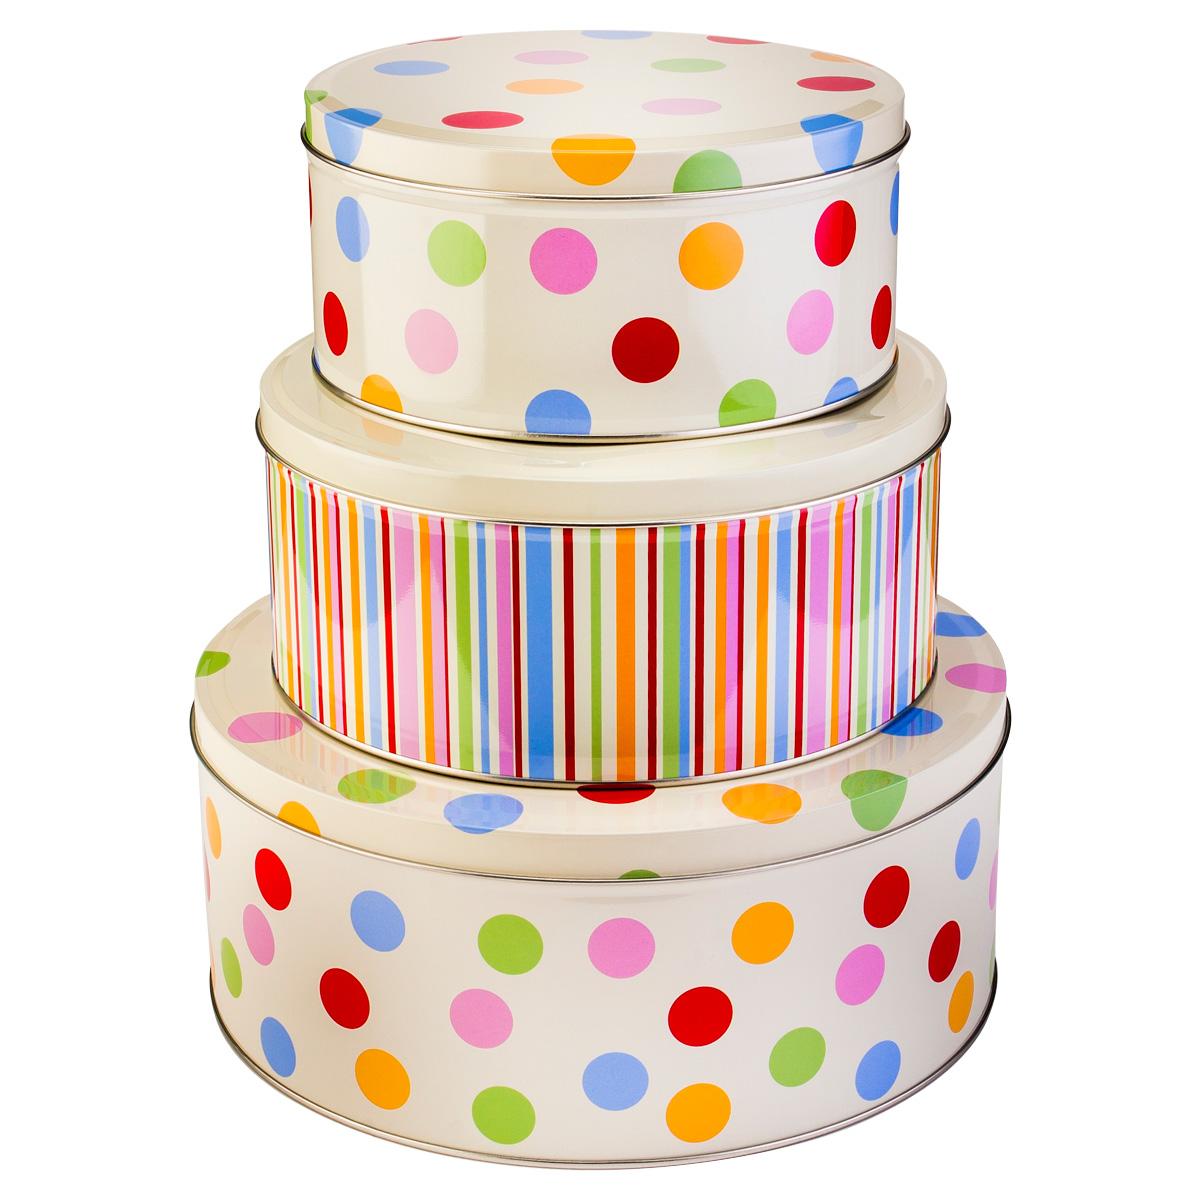 new cooksmart polka dots striped set of 3 fresh baking. Black Bedroom Furniture Sets. Home Design Ideas